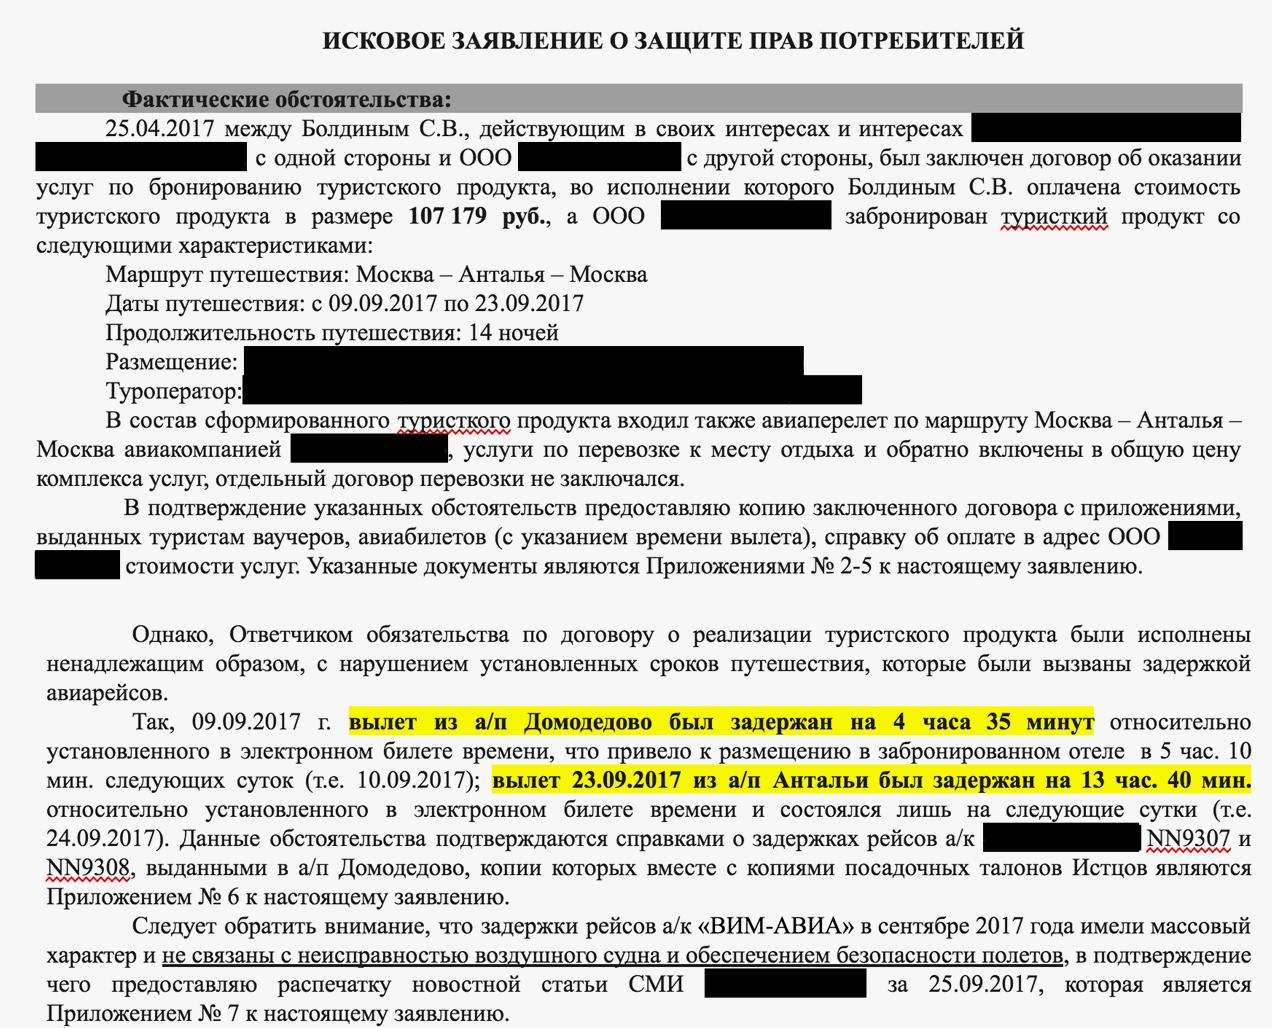 vozvrat-deneg-za-zaderzhku-rejsa